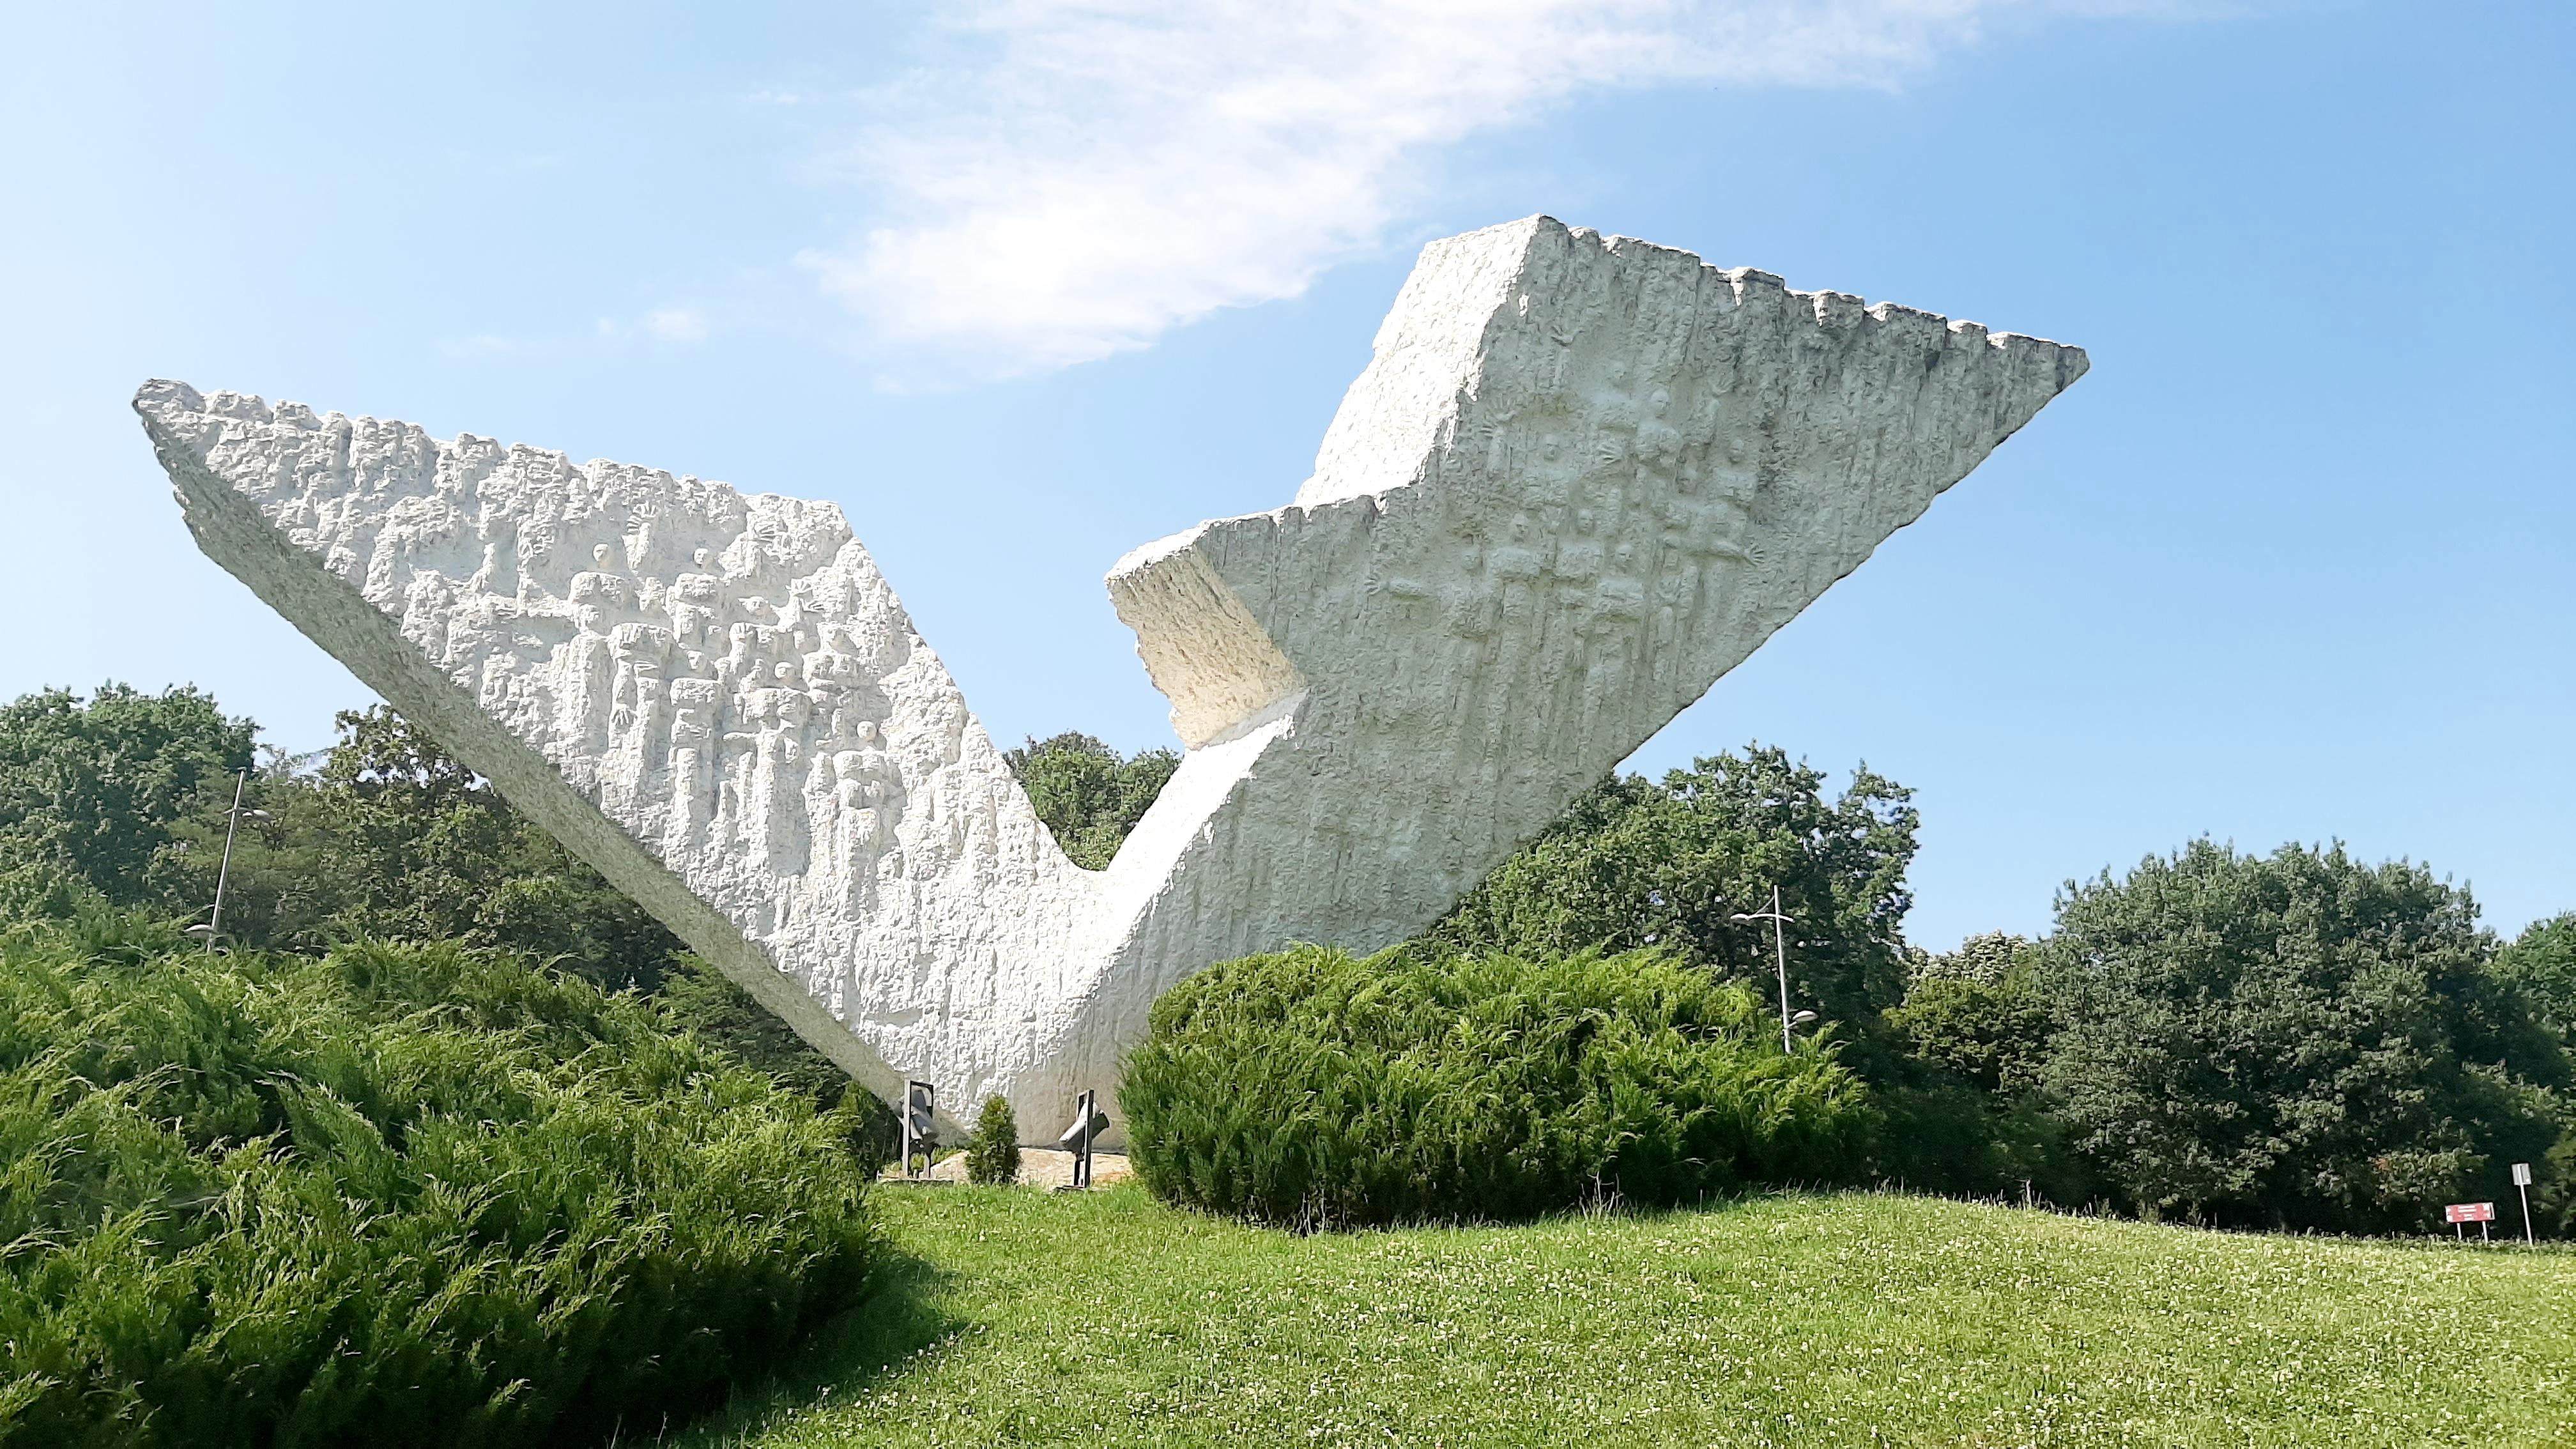 spomenik-streljanim-djacima-i-profesorima-sumarice-kragujevac